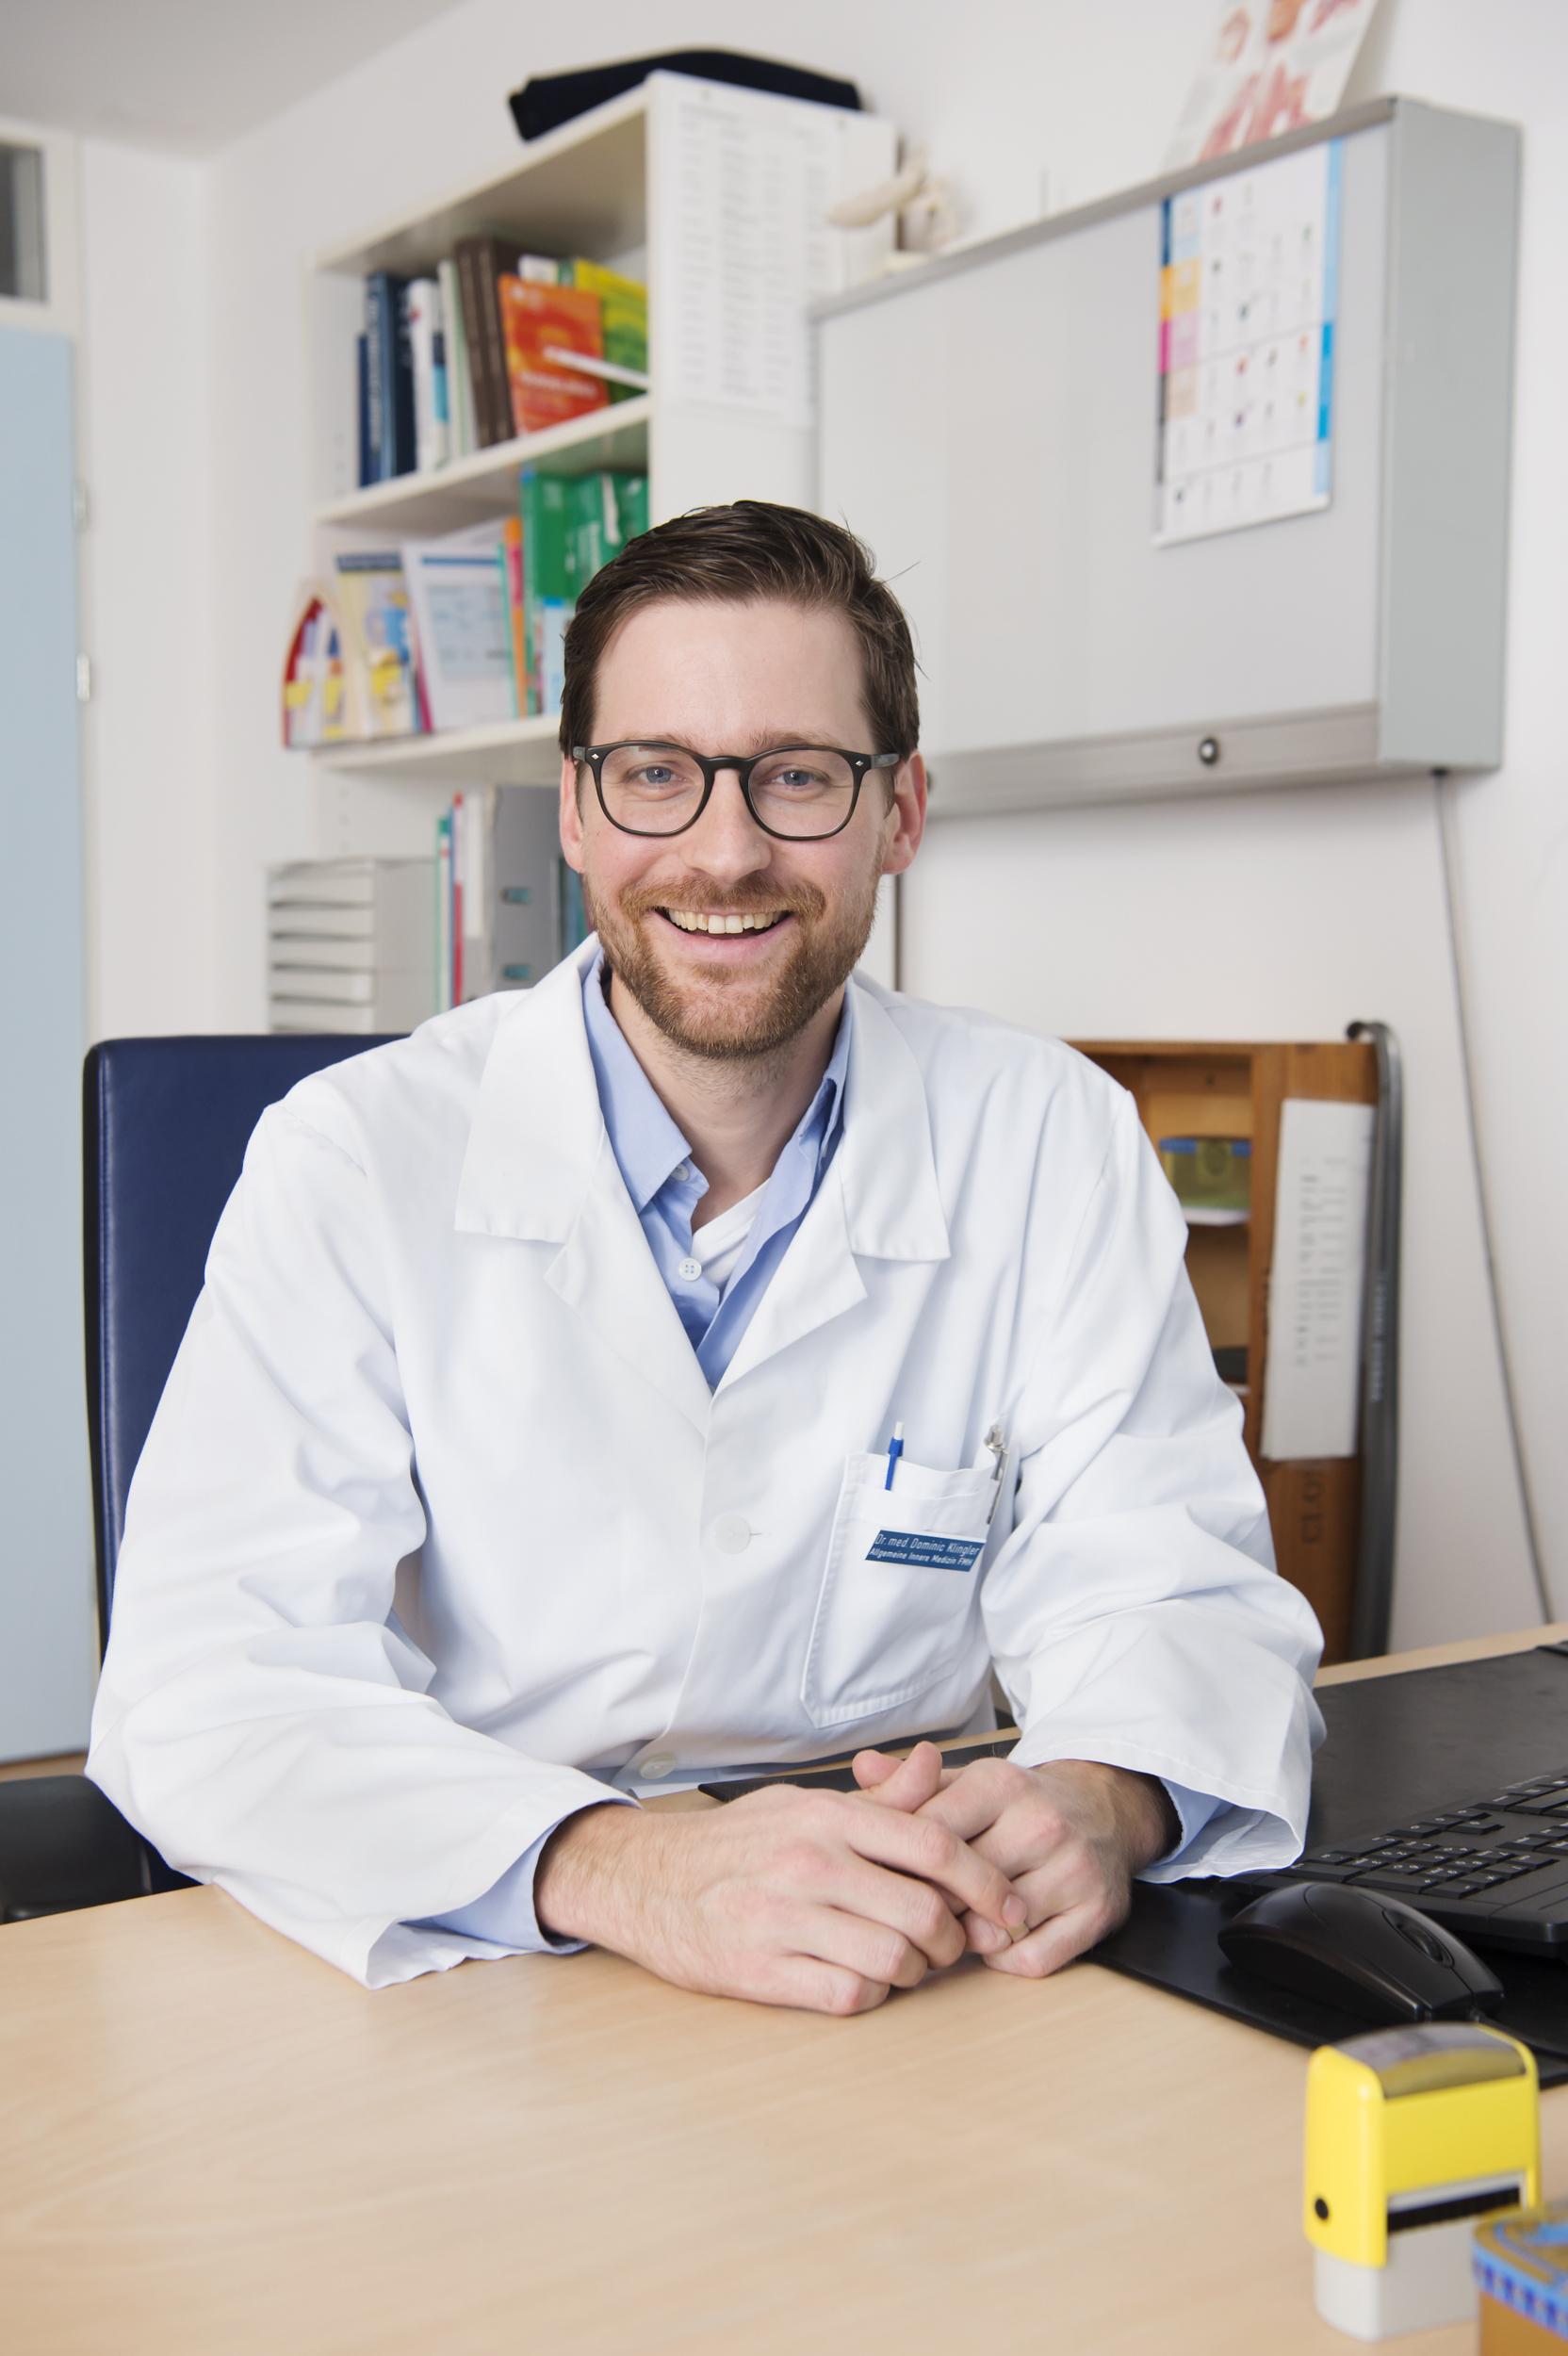 Portrait von Dr. Dominic Klingler an seinem Schreibtisch in seinem Sprechzimmer.